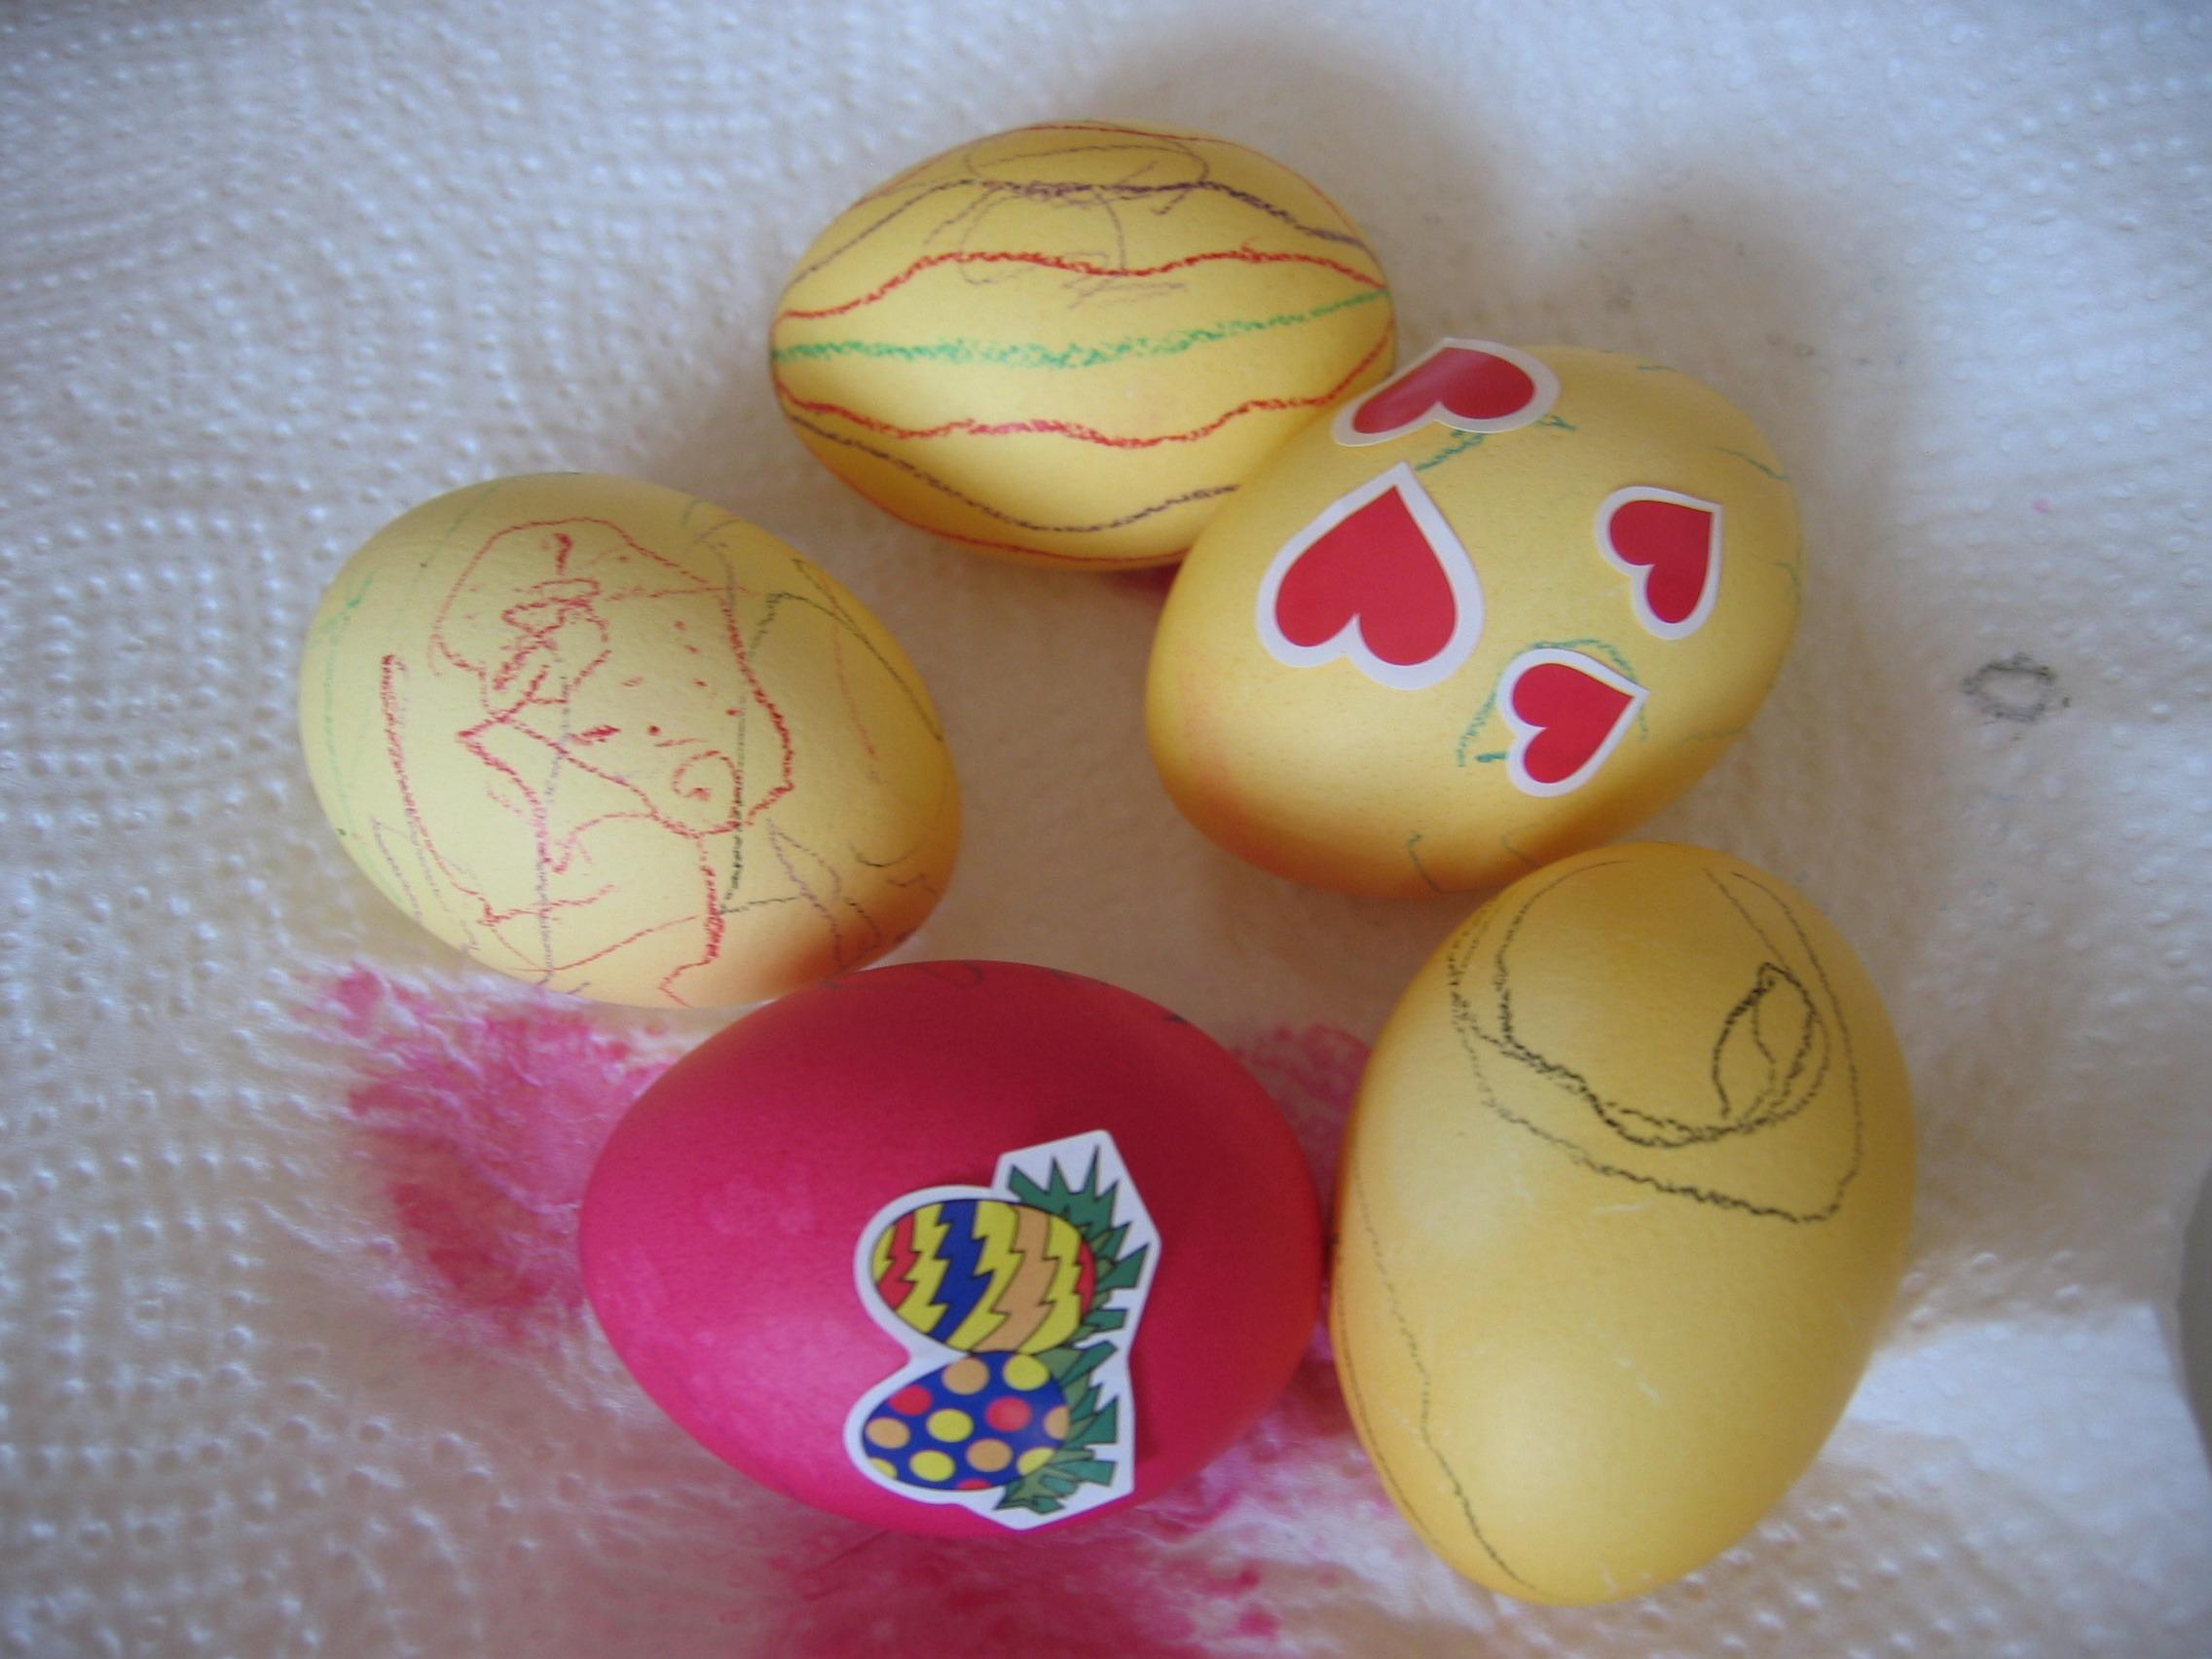 Fotoğraf Gıda Renk Boya Yumurta Boyama Boyalı Renkli